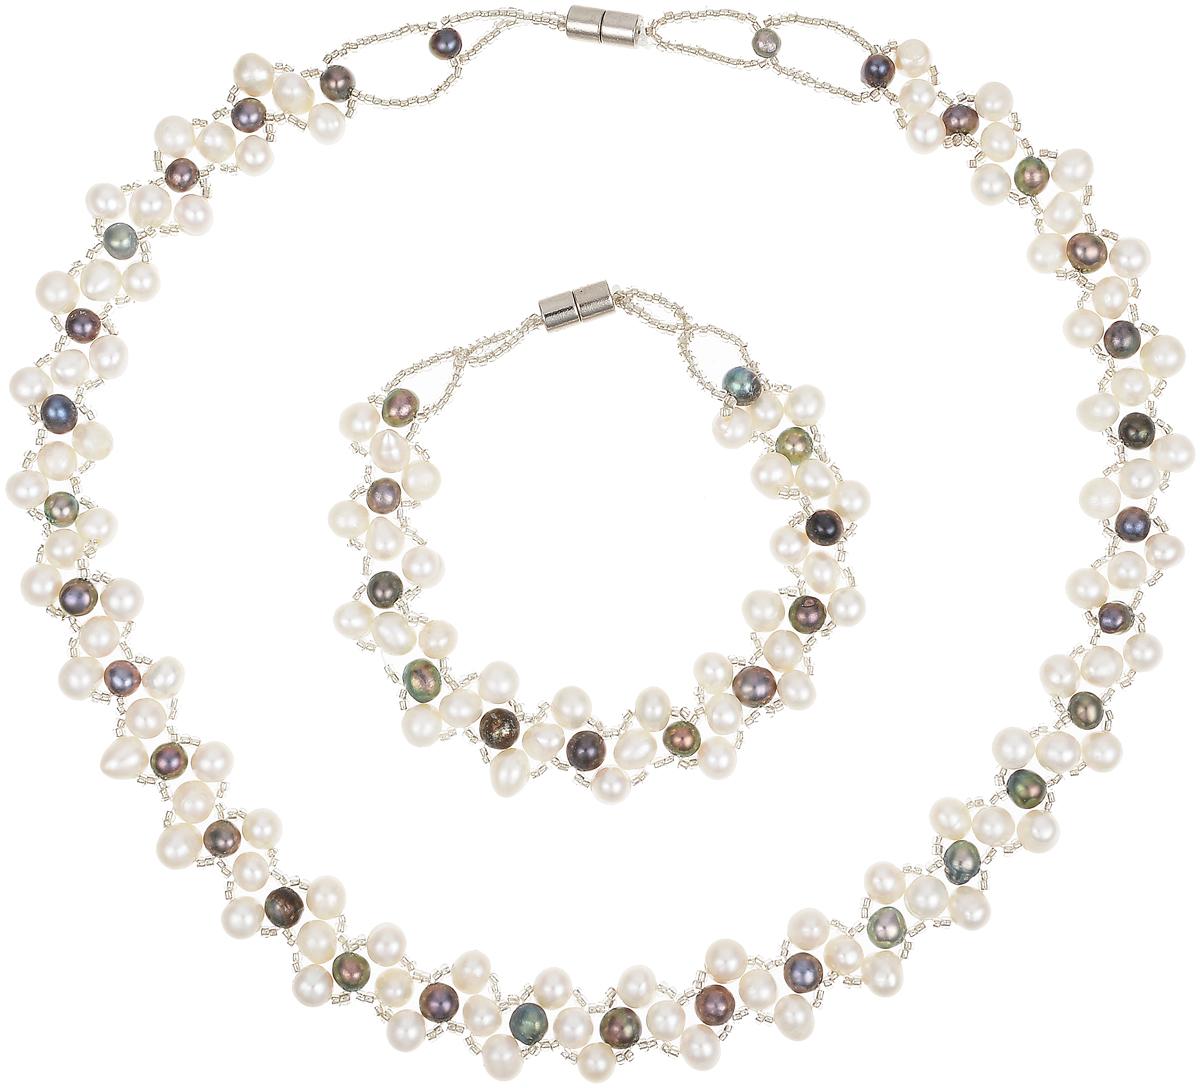 Комплект бижутерии Art-Silver: ожерелье, браслет, цвет: серый. N063-725Колье (короткие одноярусные бусы)Великолепный комплект бижутерии Art-Silver состоит из оригинального ожерелья и браслета. Изделия выполнены из бижутерного сплава, жемчуга и бисера. Ожерелье оформлено бусинами, застегивается на магнитный замок. Браслет так же оформлен бусинами и застегивается на магнитный замок.